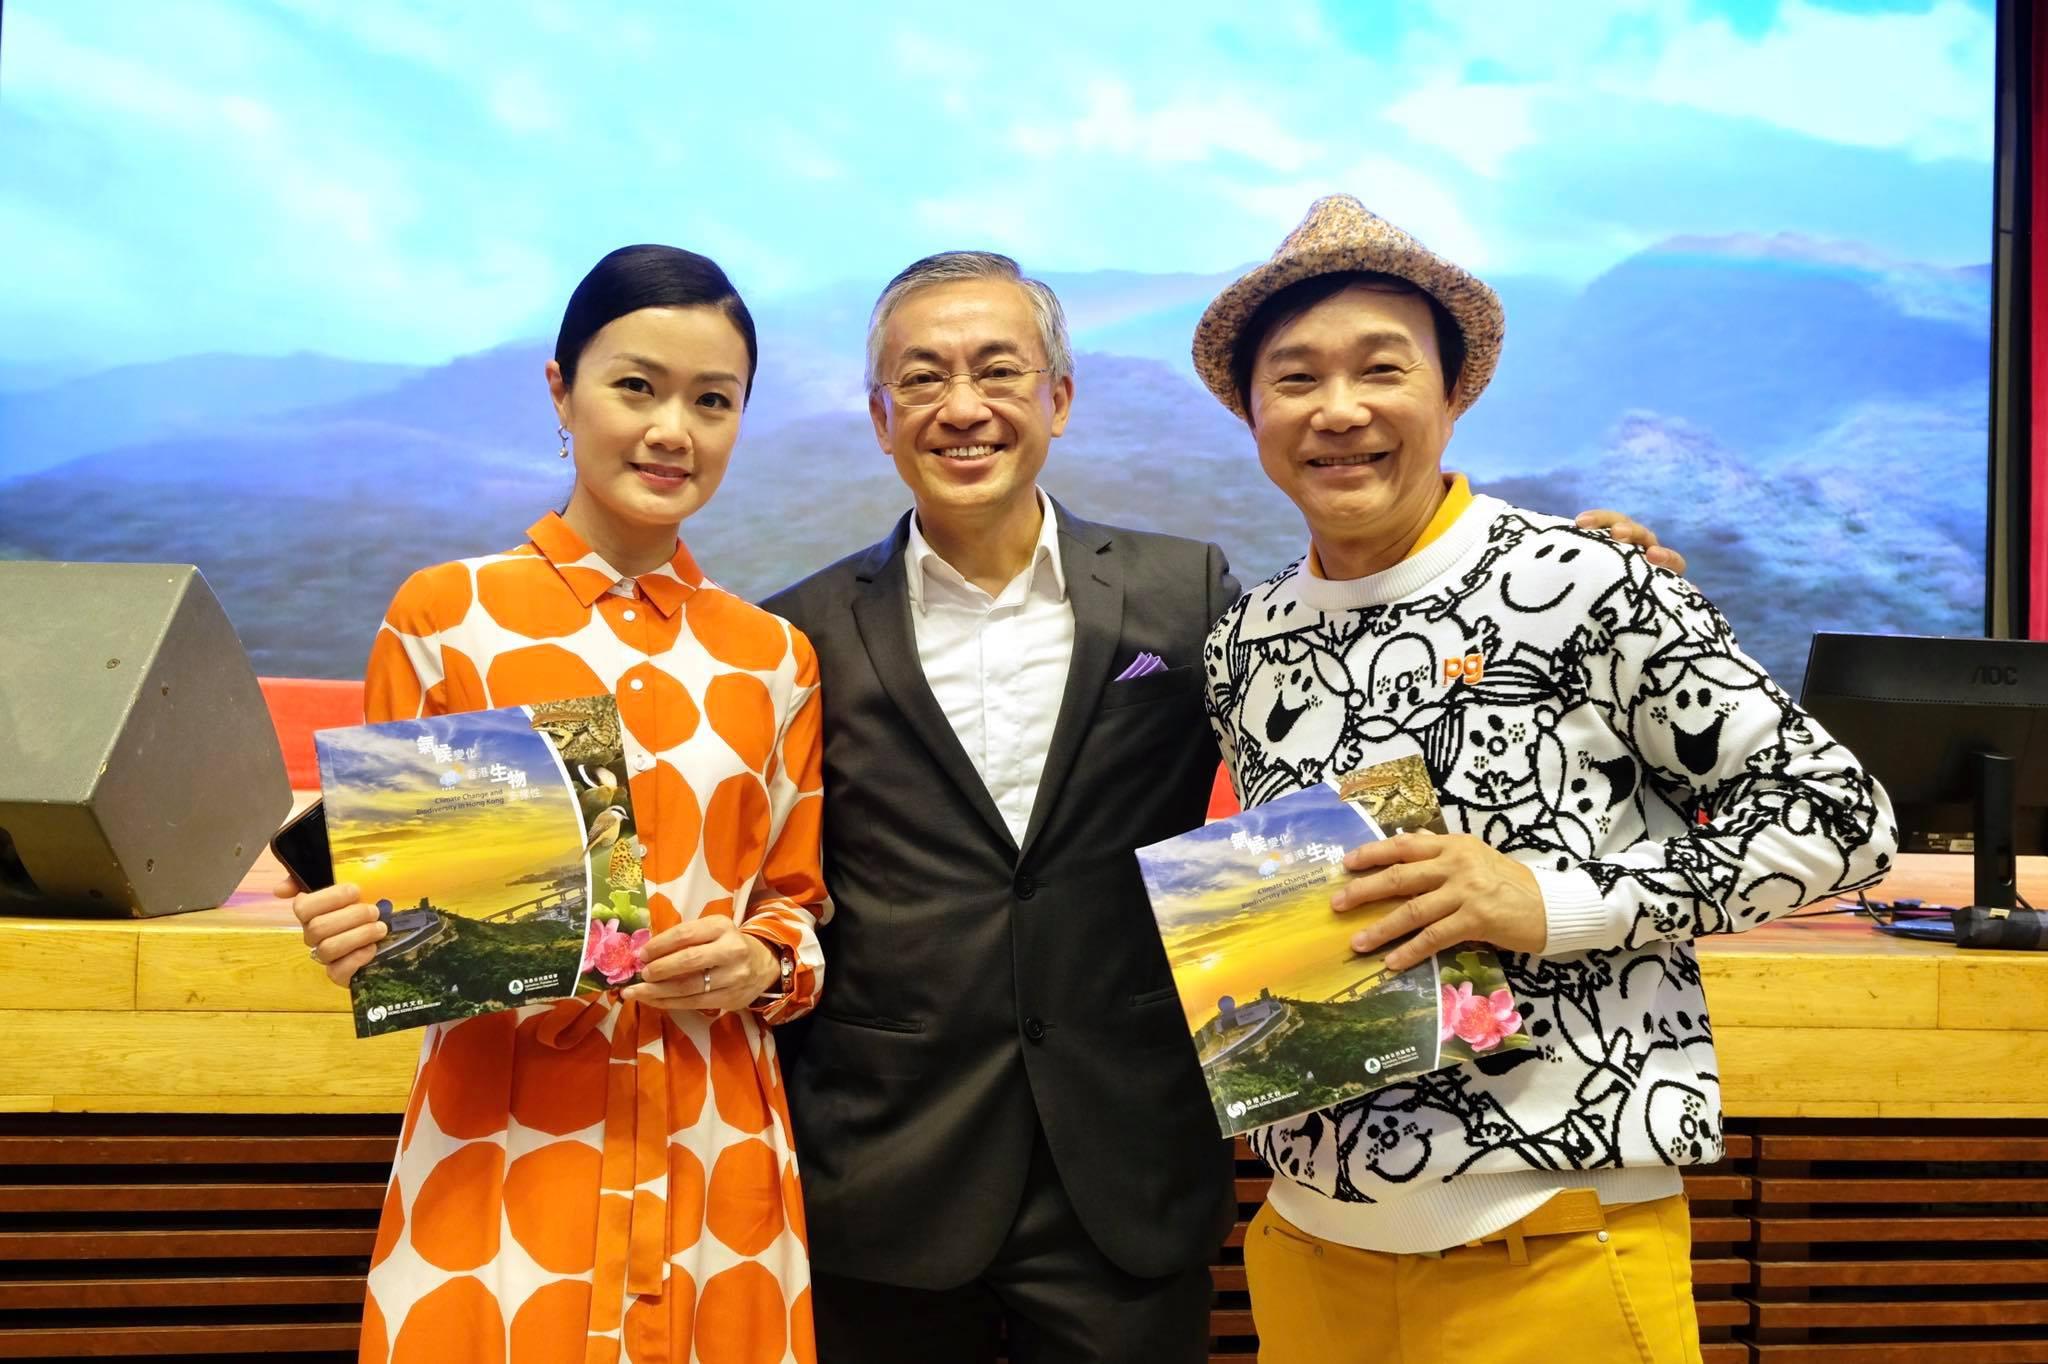 岑智明(中)、方健儀(左)、區瑞強(右)。方健儀facebook圖片